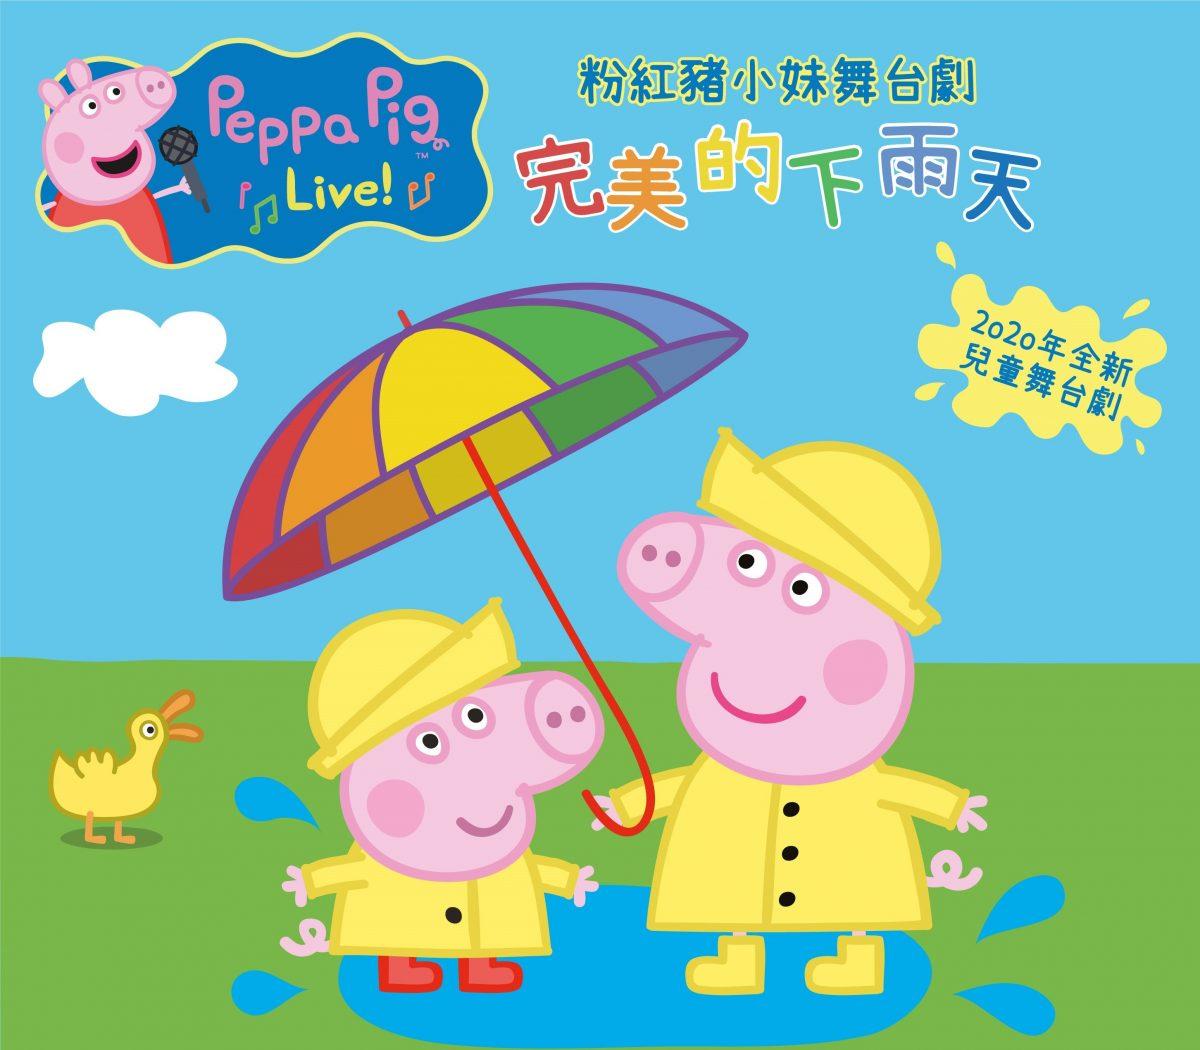 台北君悅,粉紅豬小妹,佩佩豬,Peppa Pig,舞台劇